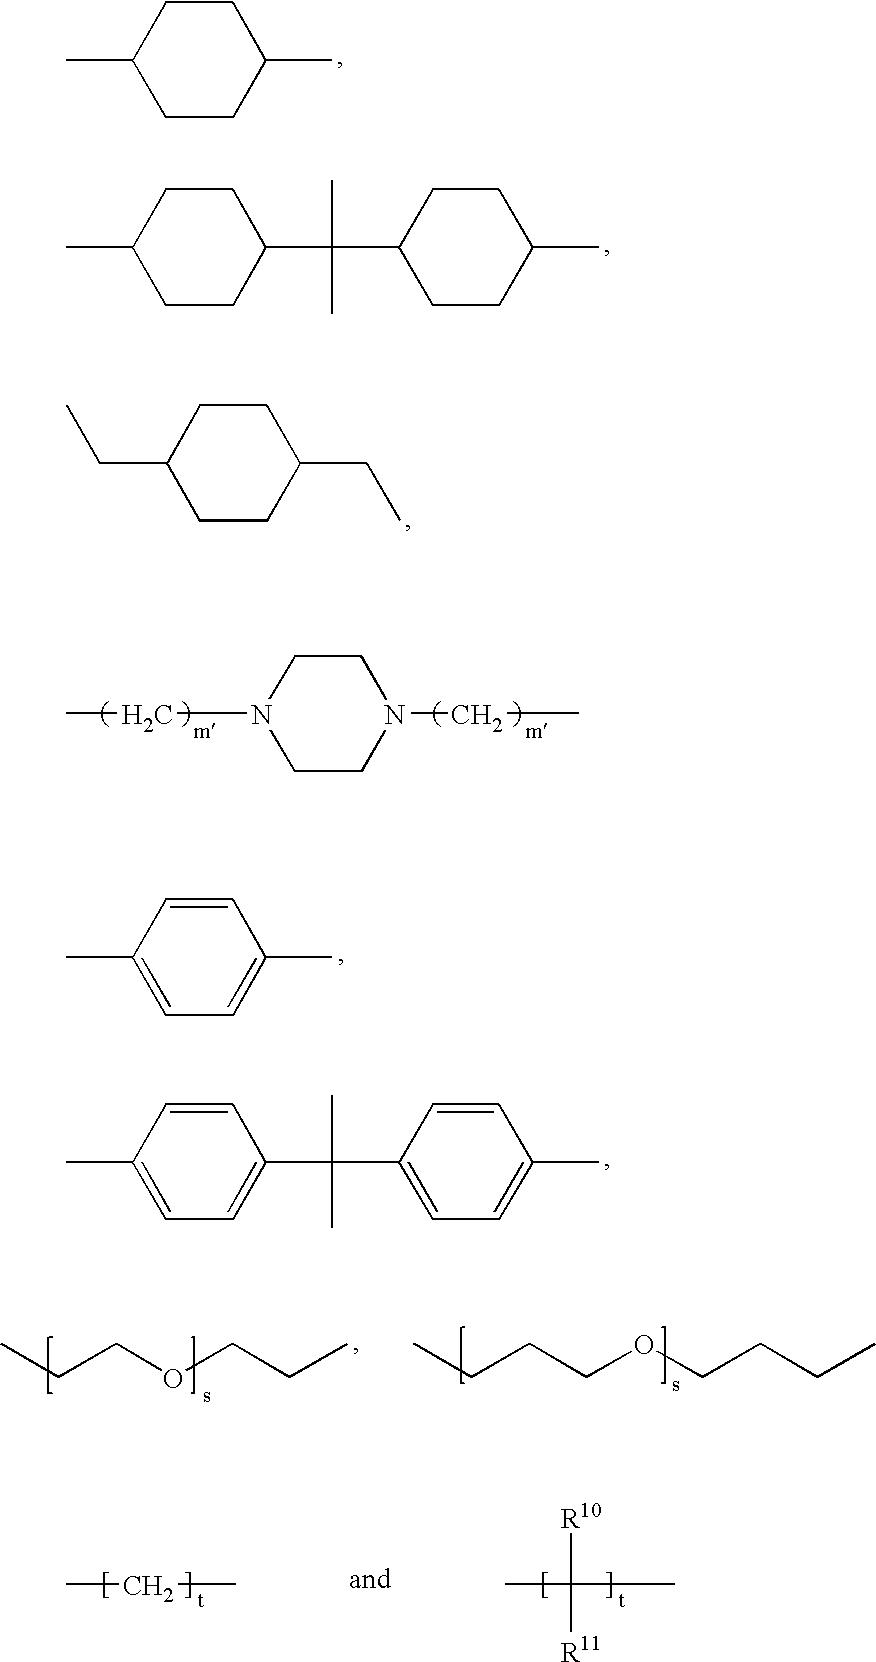 Figure US20060235084A1-20061019-C00070